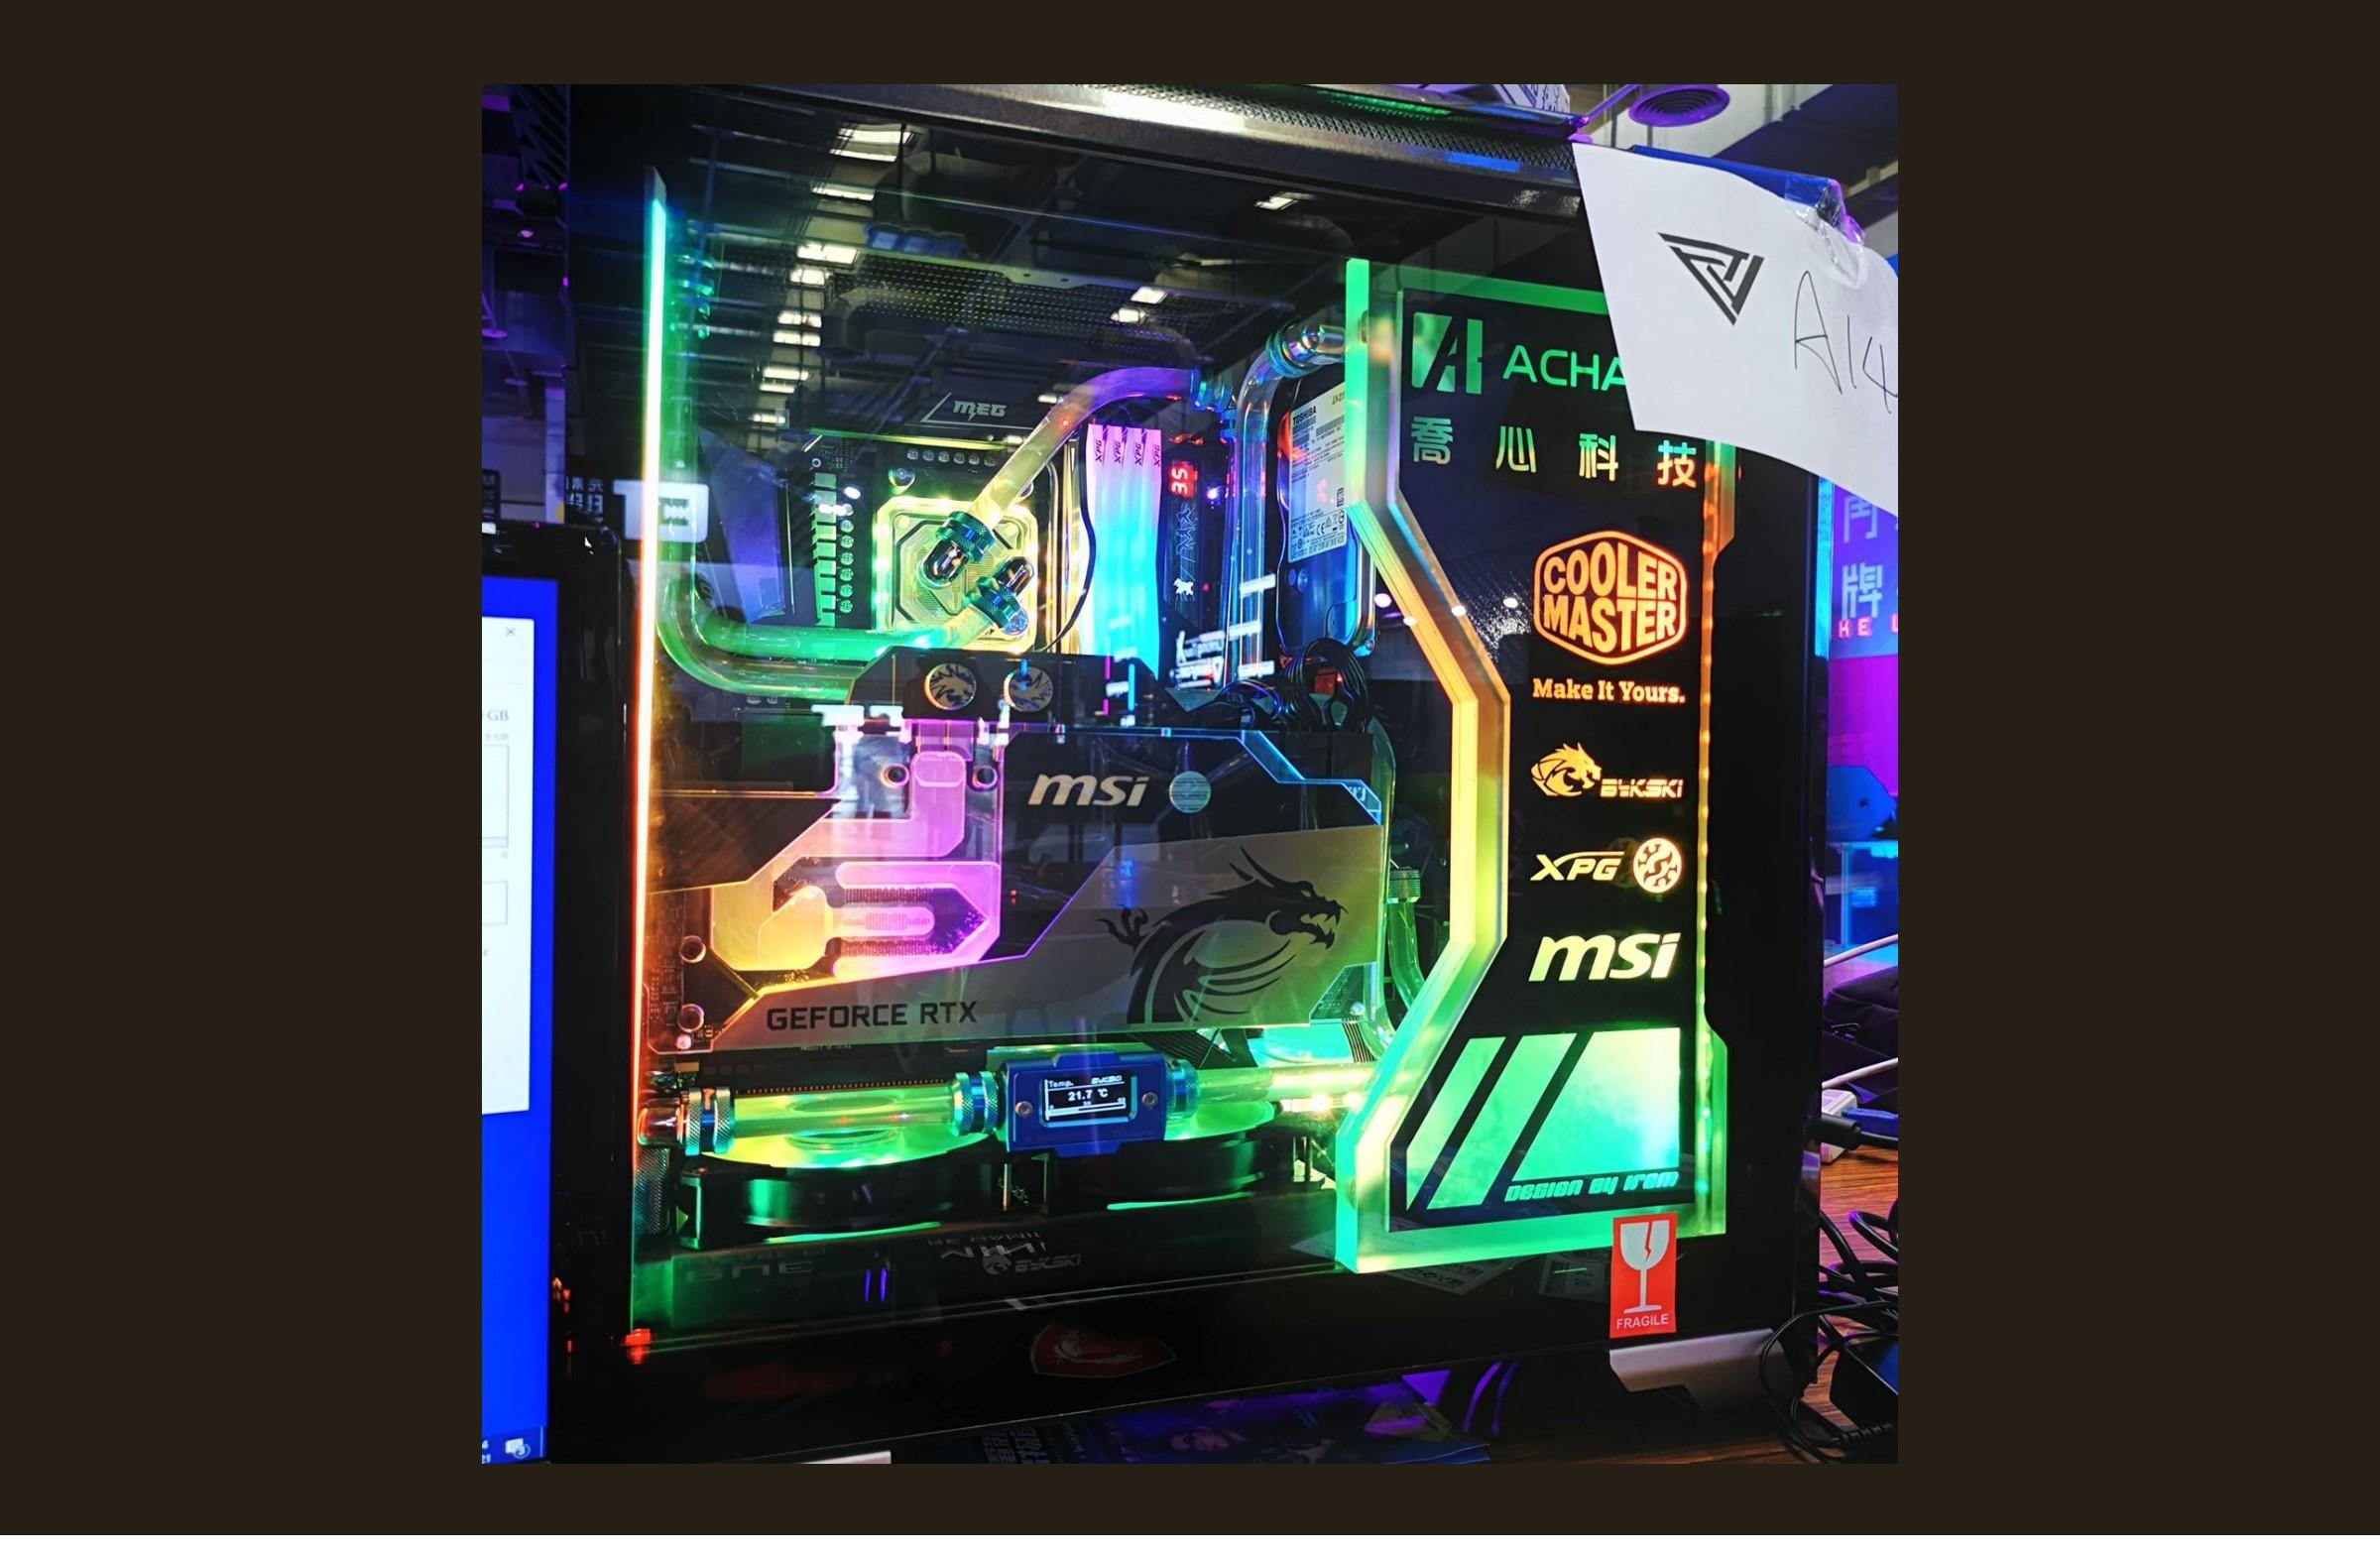 ACHACA喬心科技 - Cooler Master酷碼 SL600M